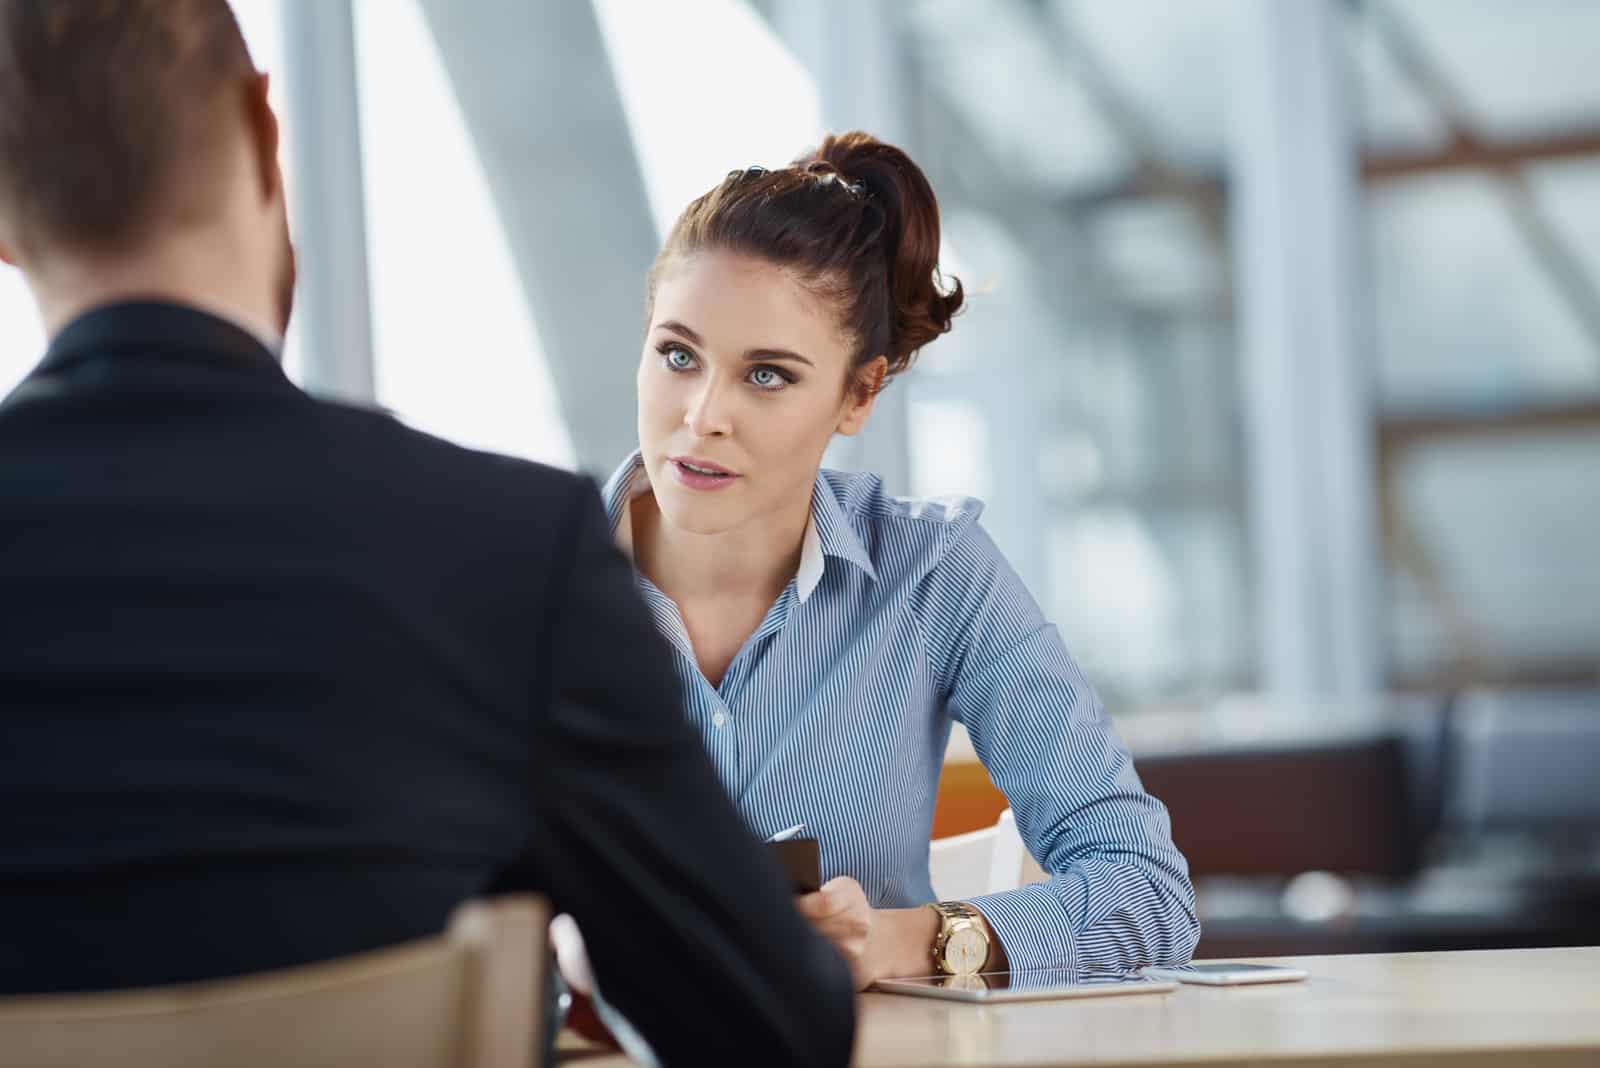 une femme confuse qui parle à un homme